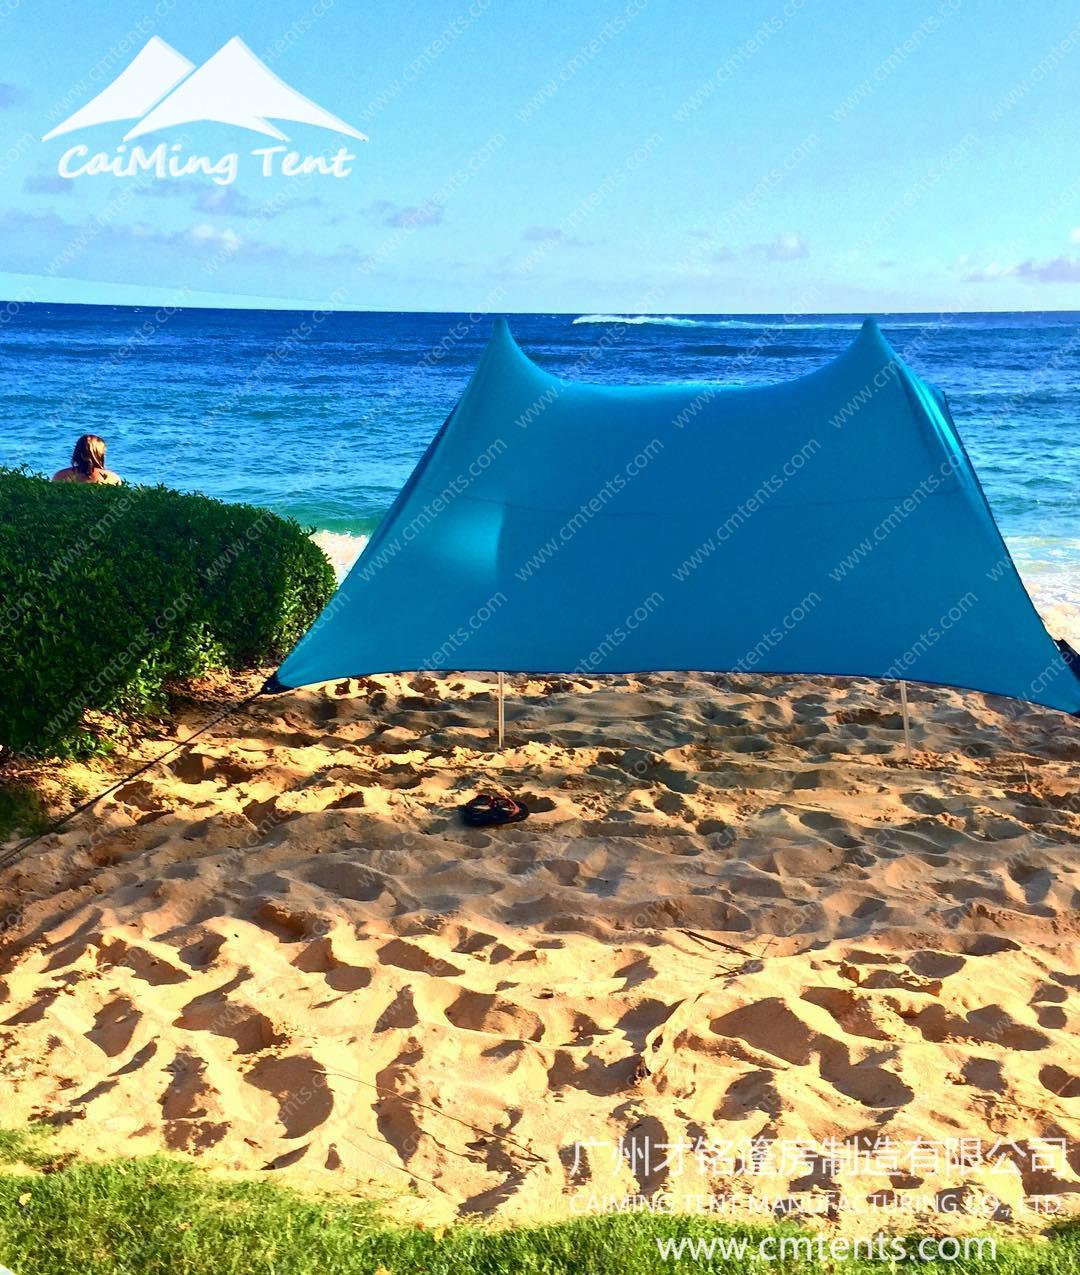 Beach Tent,Beach Tent for sale,beachcanopy,familybeach tent,beach tentpop up,colemanbeach tent,bestbeach tent,beach tentcostco,beach tentfor babies,beach tentkmart,beach tent camping,beach tent target,beach tent amazon,beach tent costco,beach tent pop up,beach tent umbrella,beach tent camping san diego,beach tent camping california,beach tent stakes,beach tent with sand anchor,beach tent,beach tent for baby,beach tent walmart,beach tent at walmart,beach tent academy,beach tent anchors,beach tent aldi,beach tent at target,beach tent australia,beach tent and chairs,beach tent at costco,beach tent advertised on facebook,folding a beach tent,make a beach tent,buy a beach tent,a shade beach tent,beach tent baby,beach tent big 5,beach tent babies r us,beach tent bjs,beach tent big lots,beach tent best,beach tent buy buy baby,beach tent ban,beach tent baby amazon,beach tent bed bath beyond,b&q beach tent,b toys beach tent,b&m beach tent,beach tent canopy,beach tent camping near me,beach tent camping maine,beach tent camping rhode island,beach tent camping southern california,beach tent camping east coast,beach tent c,beach tent diy,beach tent dome,beach tent deals,beach tent domino,beach tent decathlon,beach tent dubai,beach tent dog,beach tent designs,beach tent definition,beach tent dlx,beach tent easy setup,beach tent easy up,beach tent ebay,beach tent etiquette,beach tent ems,beach tent eddie bauer,beach tent edmonton,beach tent etsy,beach shade tent ebay,beach tent west elm,tent e beach,beach tent for toddler,beach tent for sale,beach tent for baby walmart,beach tent for infants,beach tent for babies target,beach tent folding instructions,beach tent for family,beach tent facebook,beach tent for adults,beach tent gazebo,beach tent groupon,beach tent genji,beach tent gulf shores,beach tent gander mountain,beach tent go outdoors,beach tent gumtree,beach tent gold coast,beach tent goa,beach tent geelong,beach tent home depot,beach tent half dome,beach tent house,beach ten